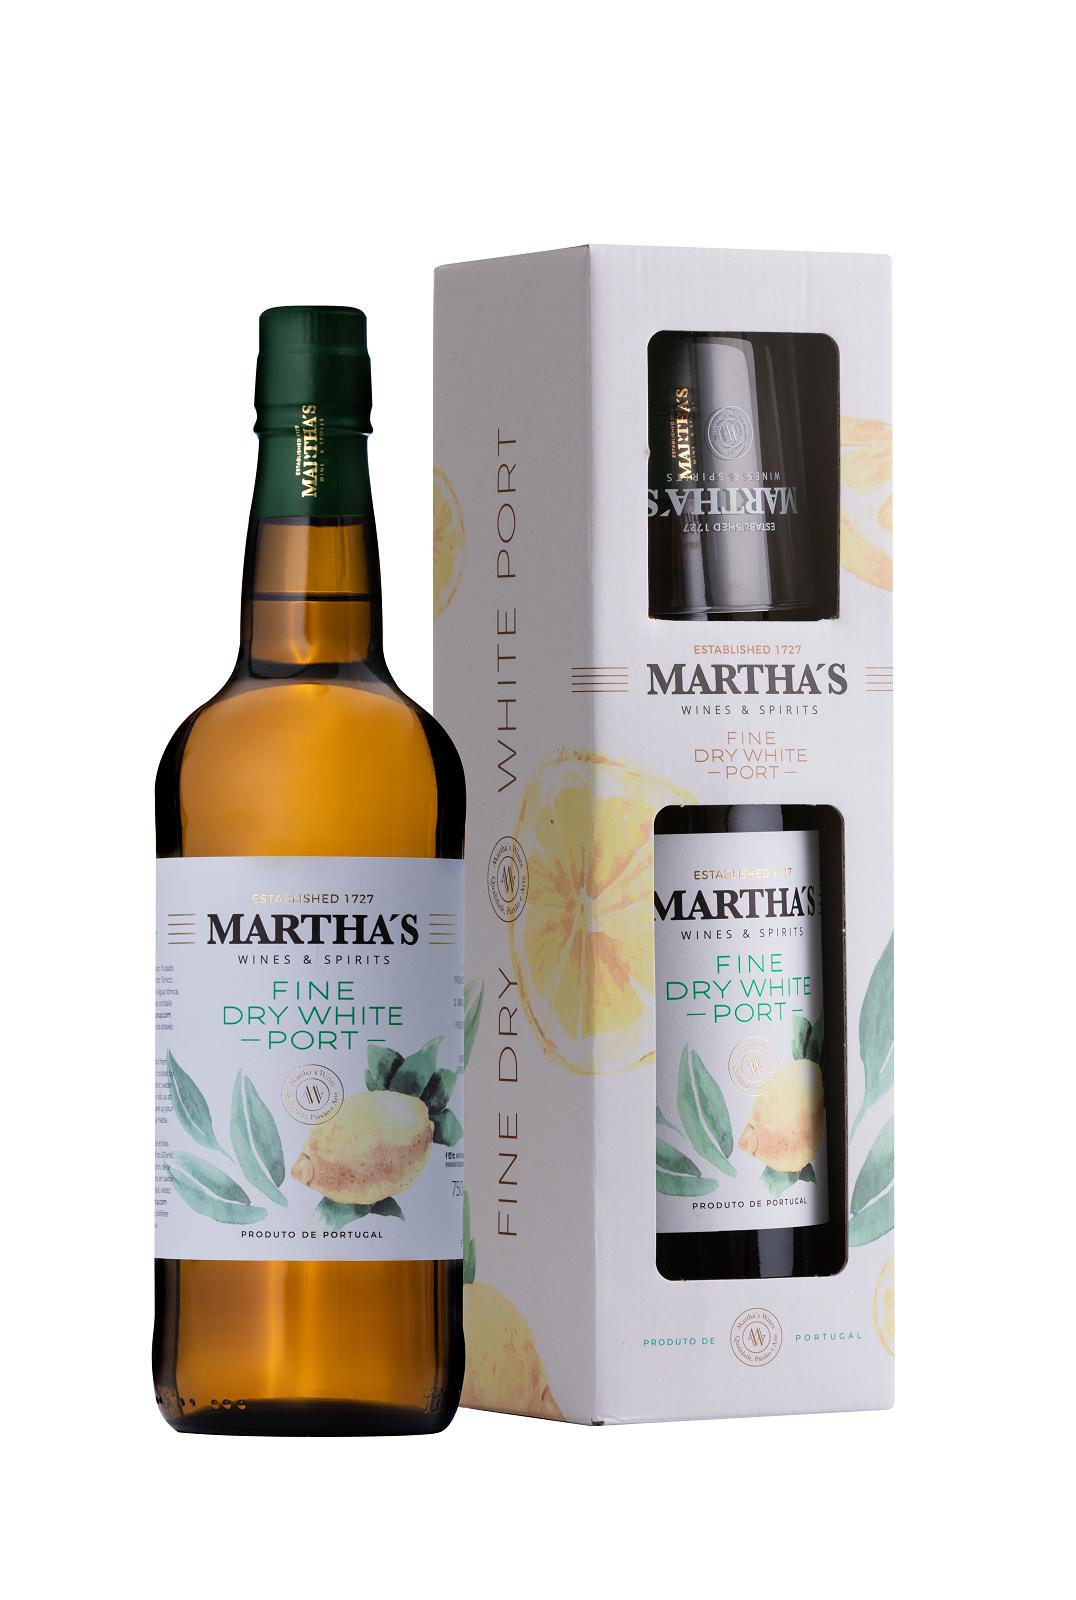 Martha's Fine Dry White